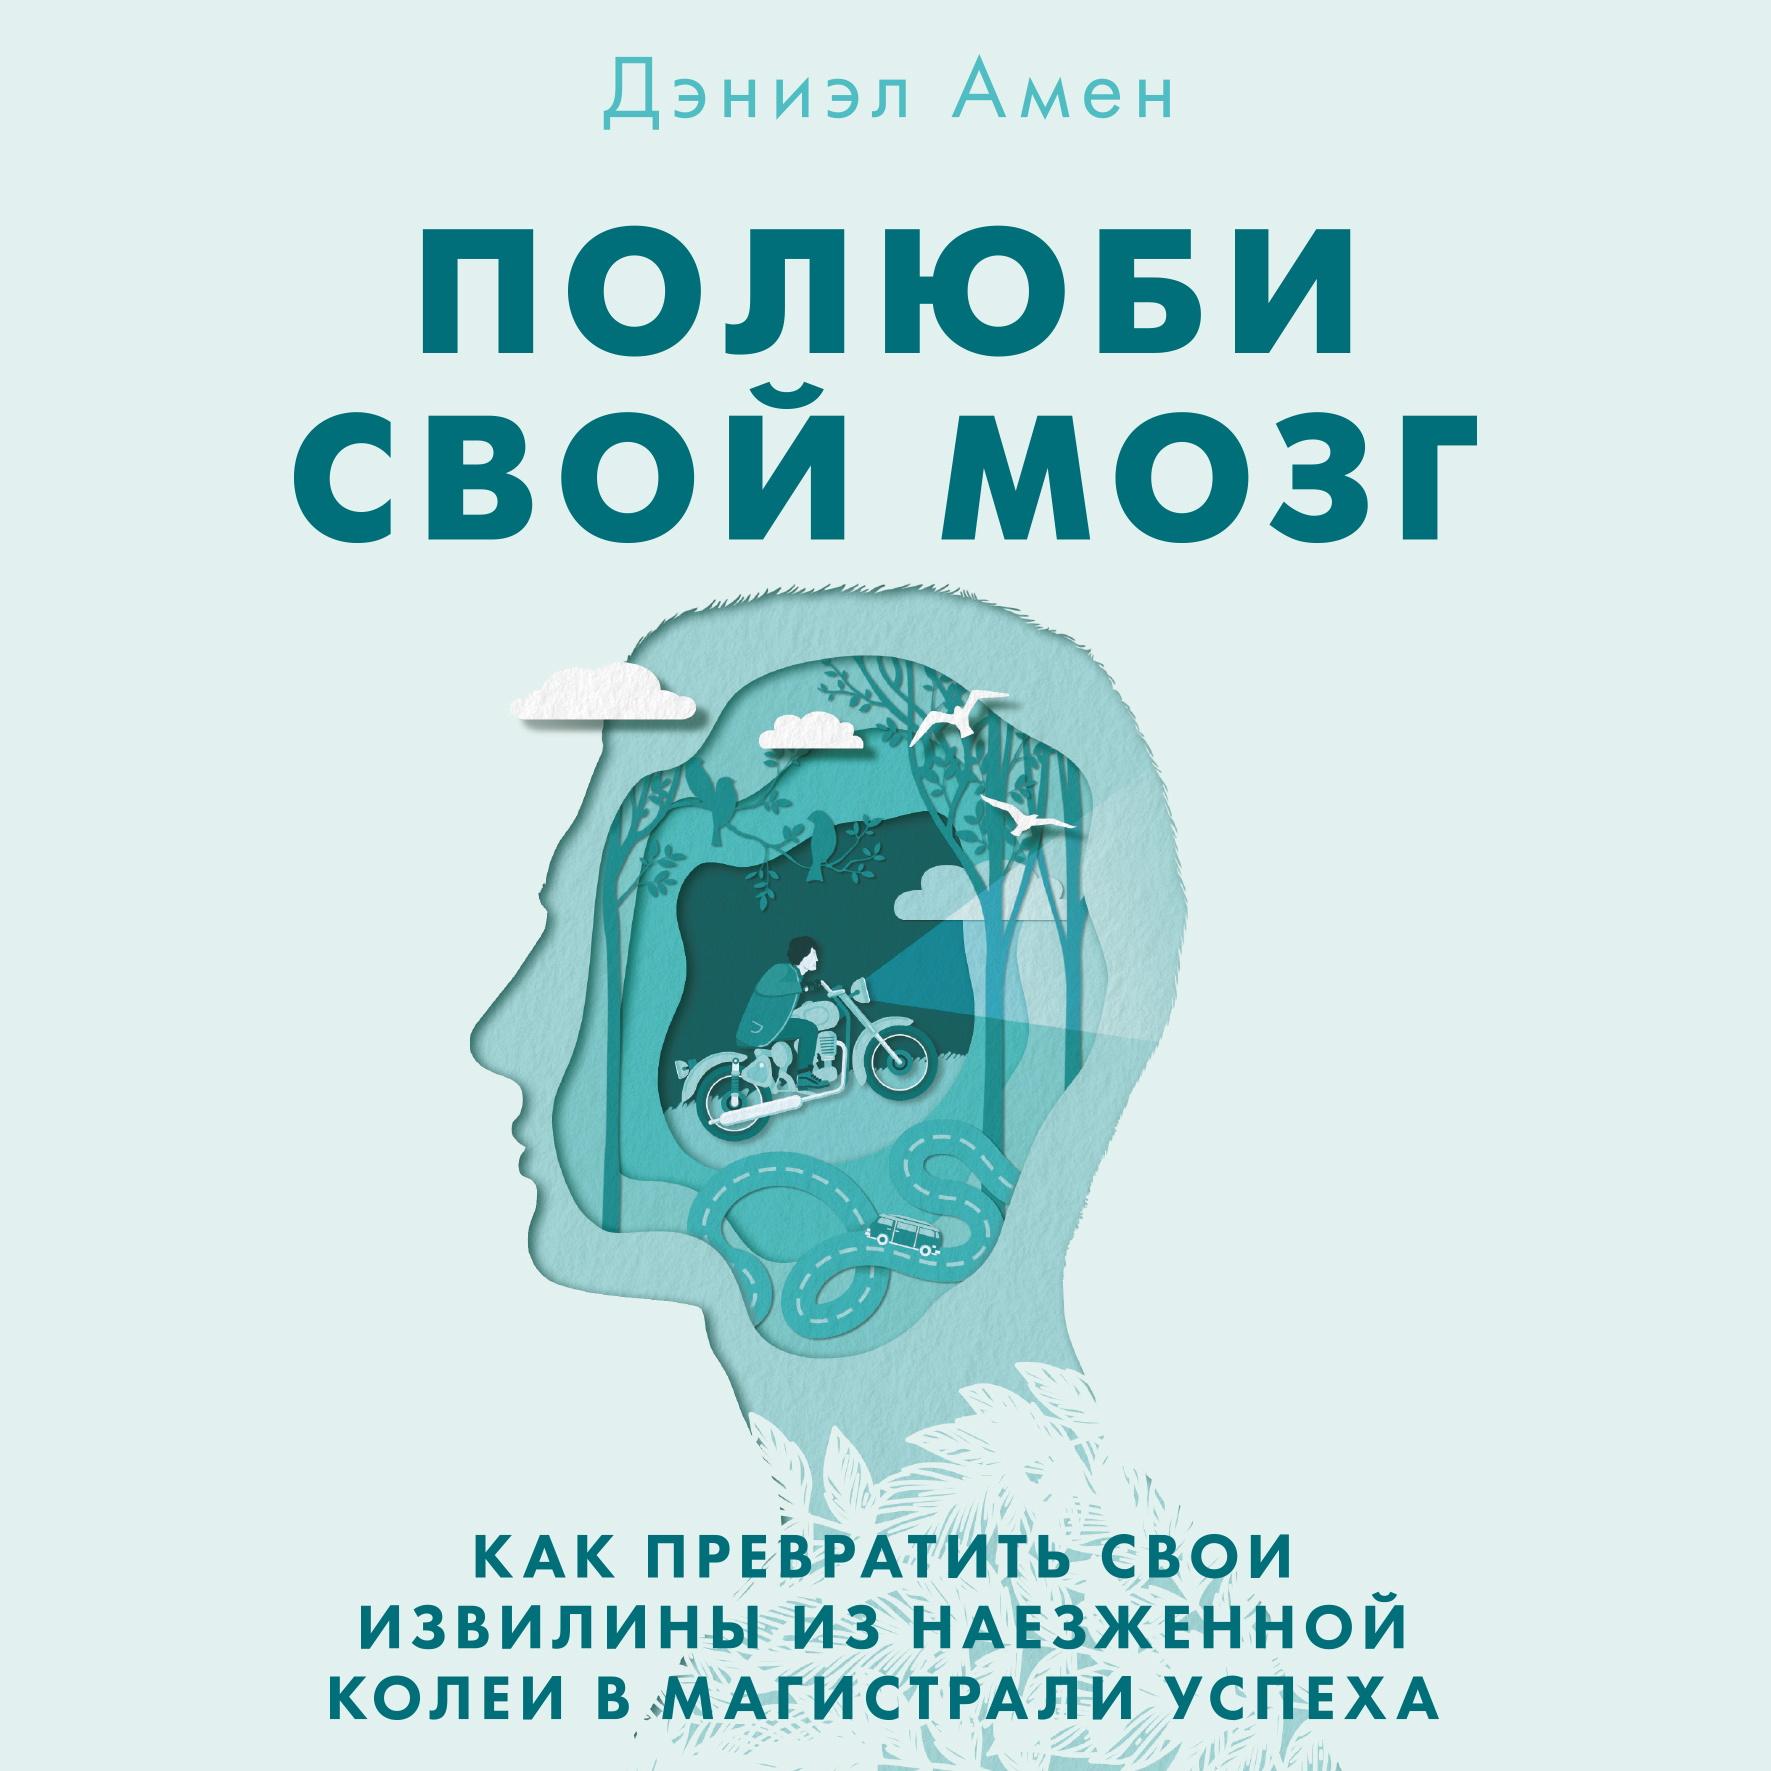 Купить книгу Полюби свой мозг, автора Дэниэла Дж. Амена